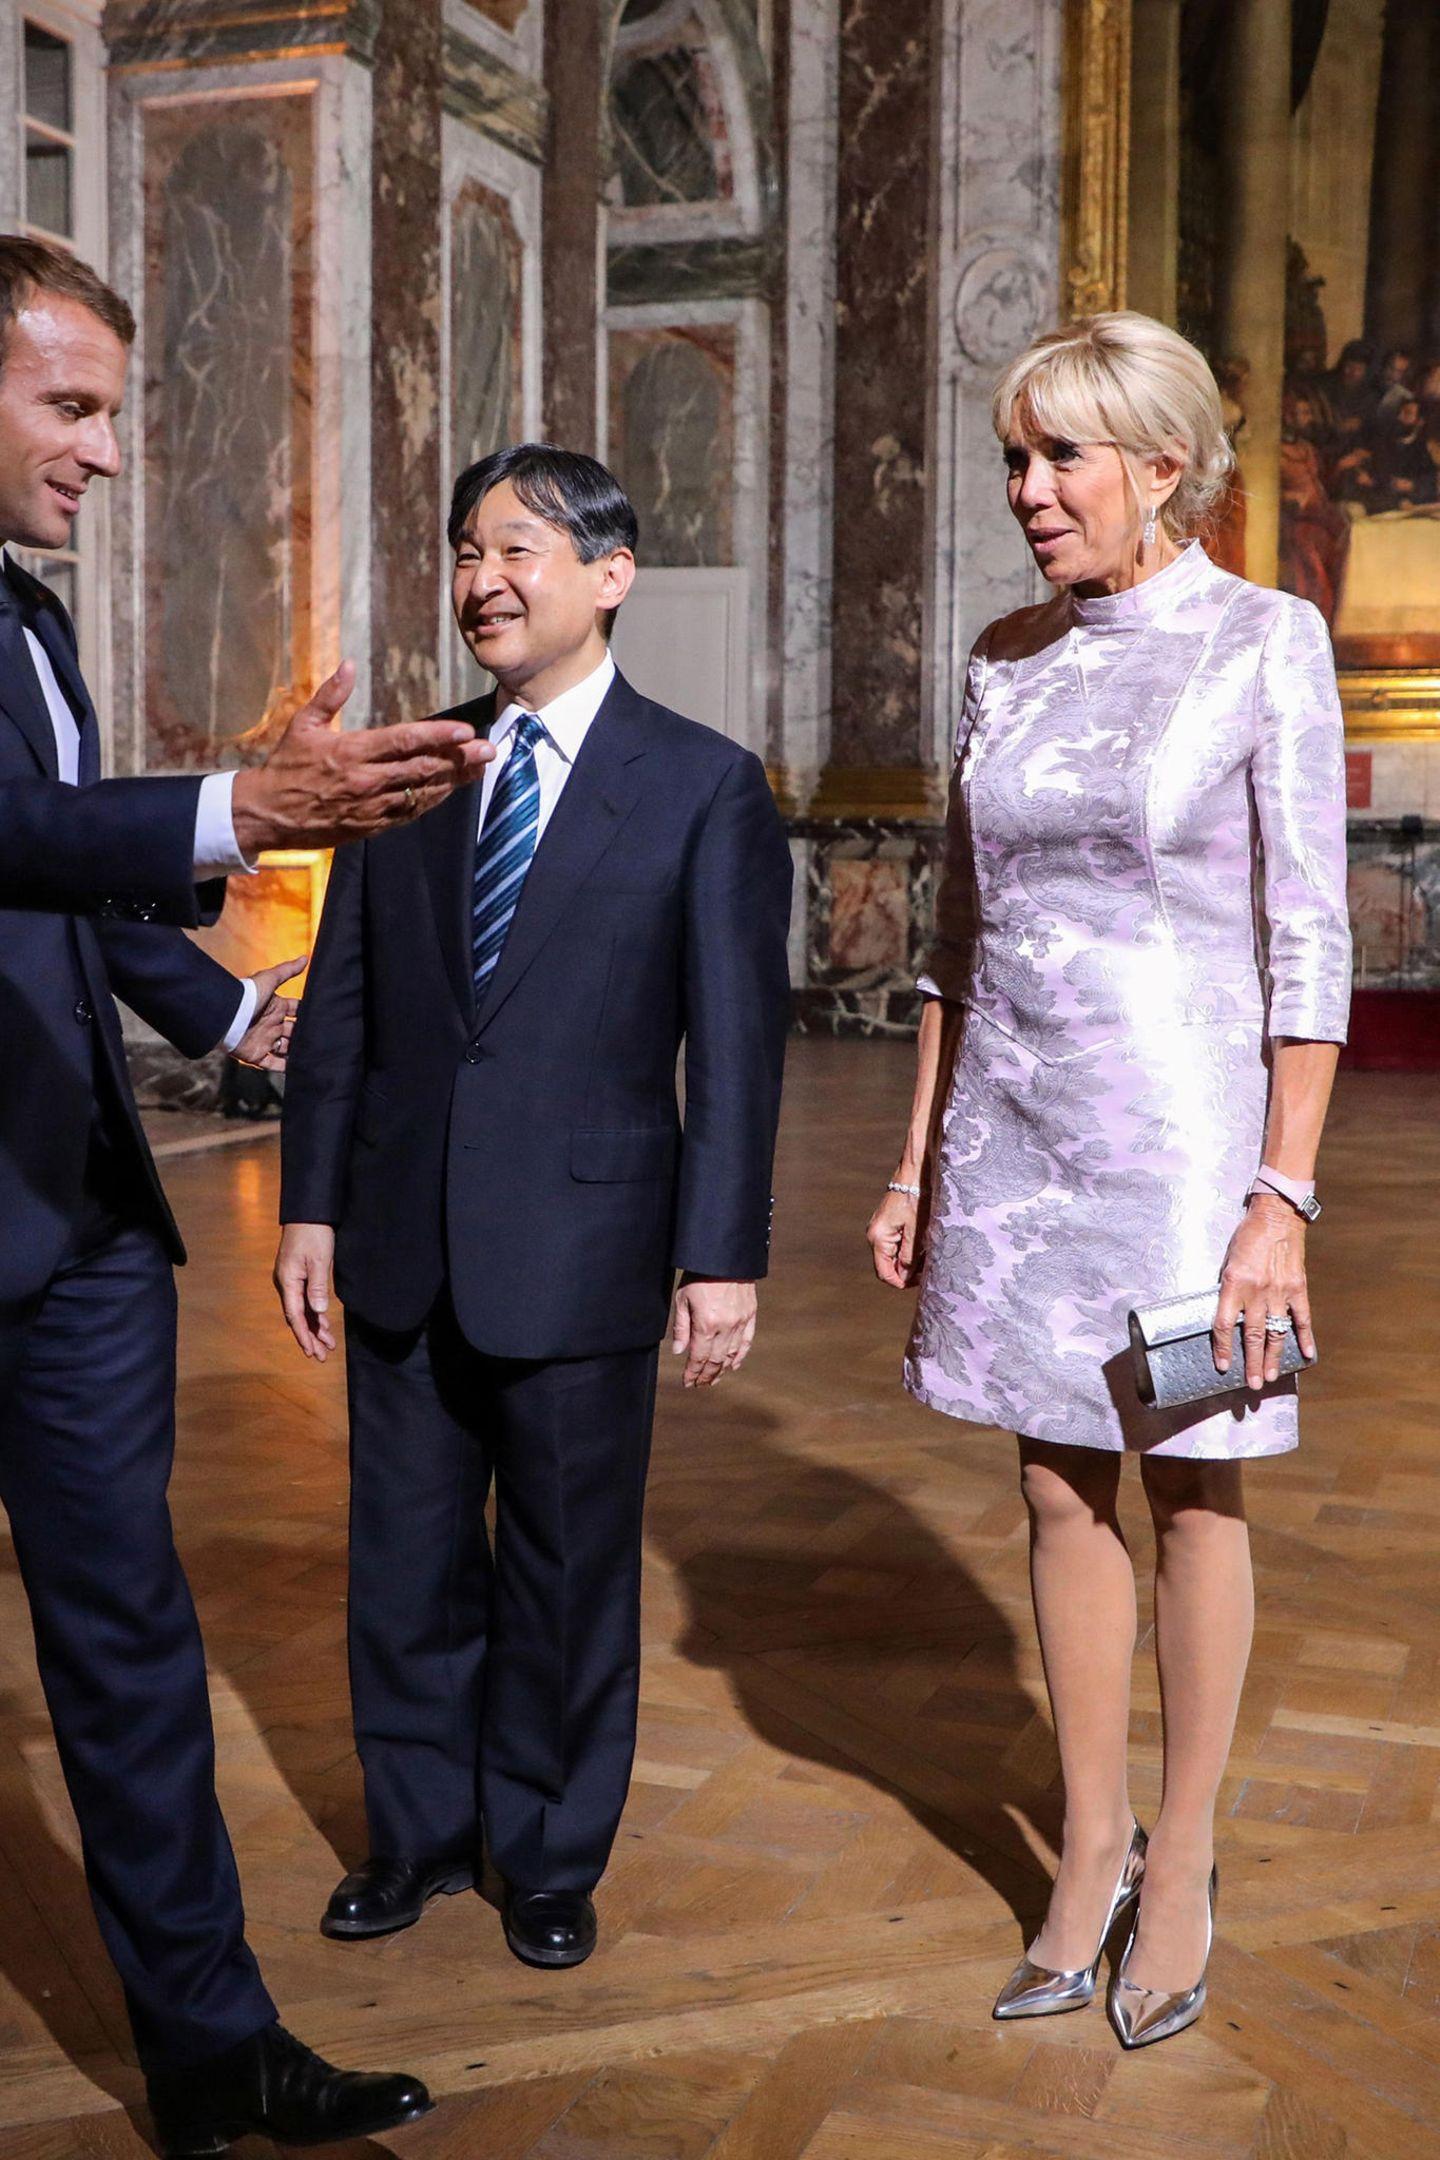 Nach dem Fußball-Spaß im Stade de France hatdie Première Dame für das Gala-Dinner mit Kronprinz Naruhito im SchlossVersailles am Abend ihren Sportlook gegen diesen asiatisch angehauchten Seiden-Look in kühlem Rosé eingetauscht.